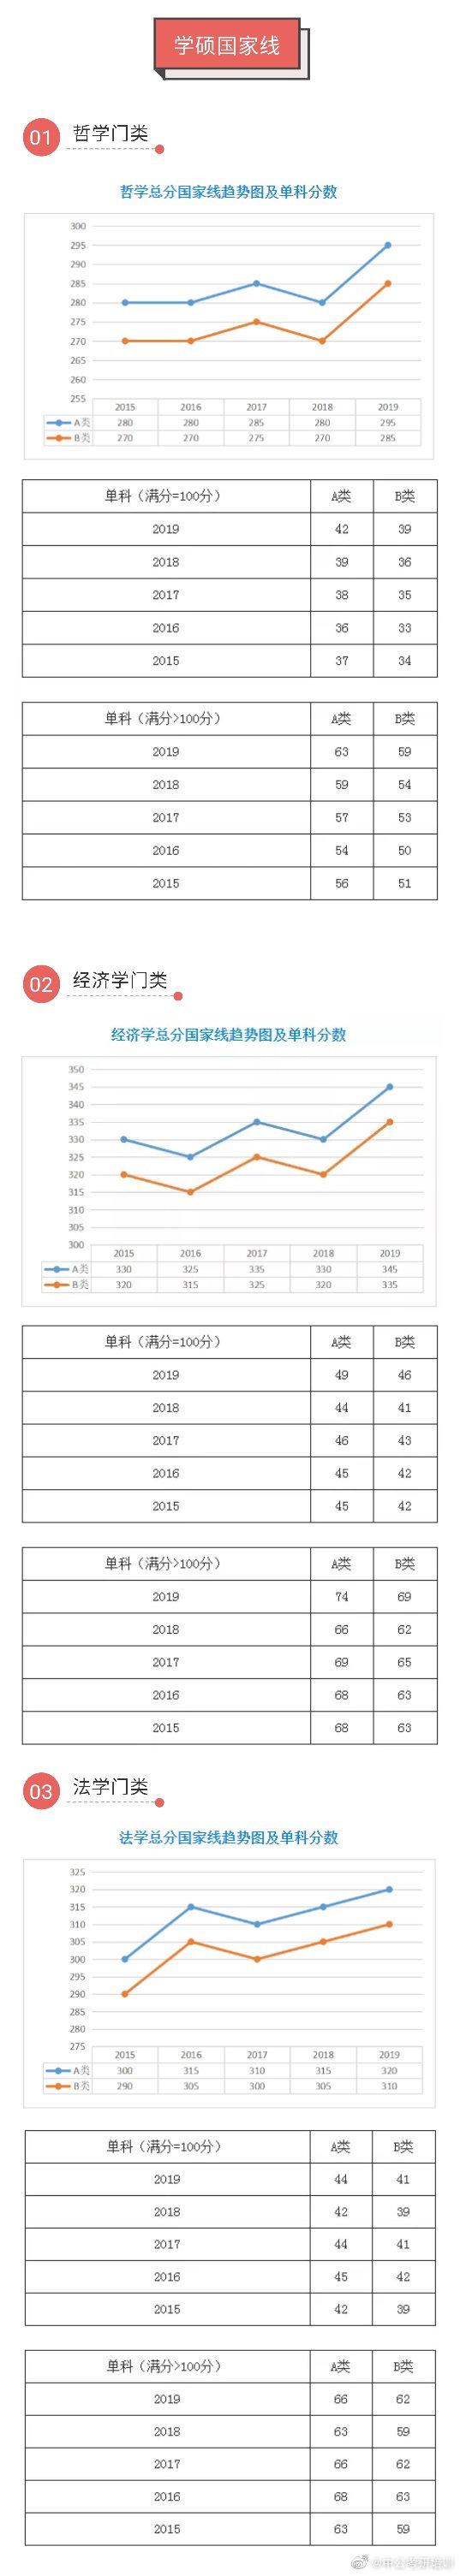 五年考研国家线(2015-2019)